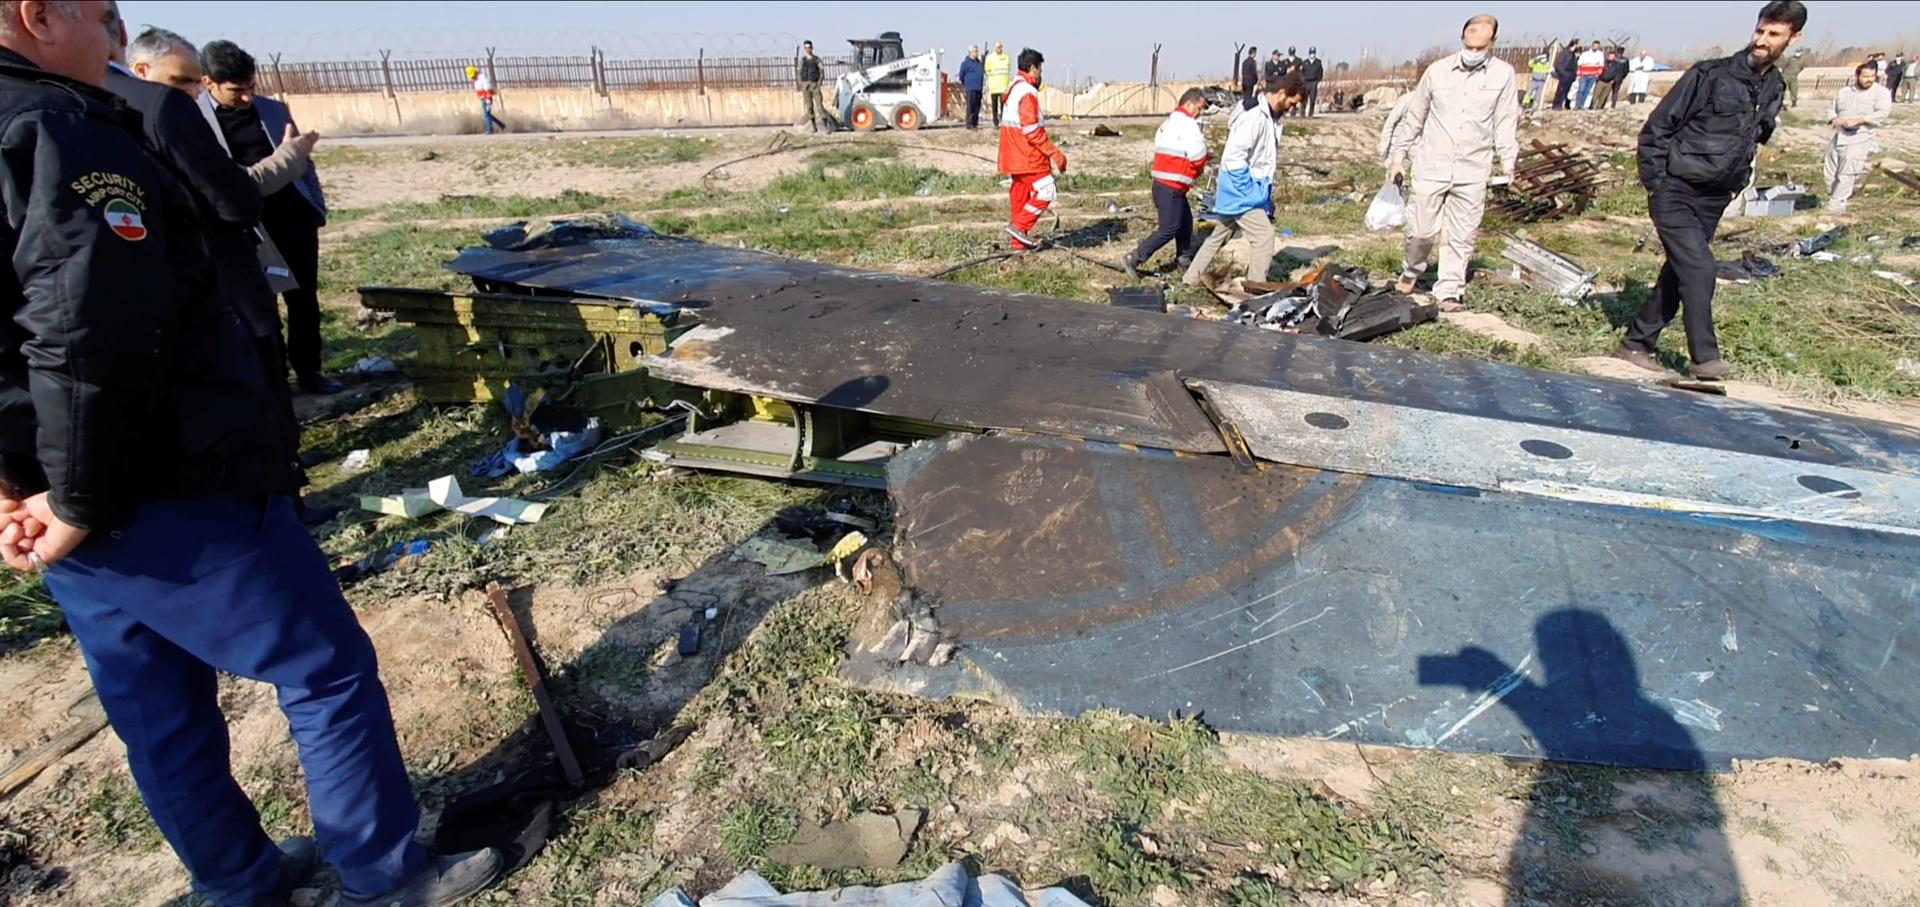 إيران توجه اتهامات إلى 10 مسؤولين بشأن إسقاط الطائرة الأوكرانية